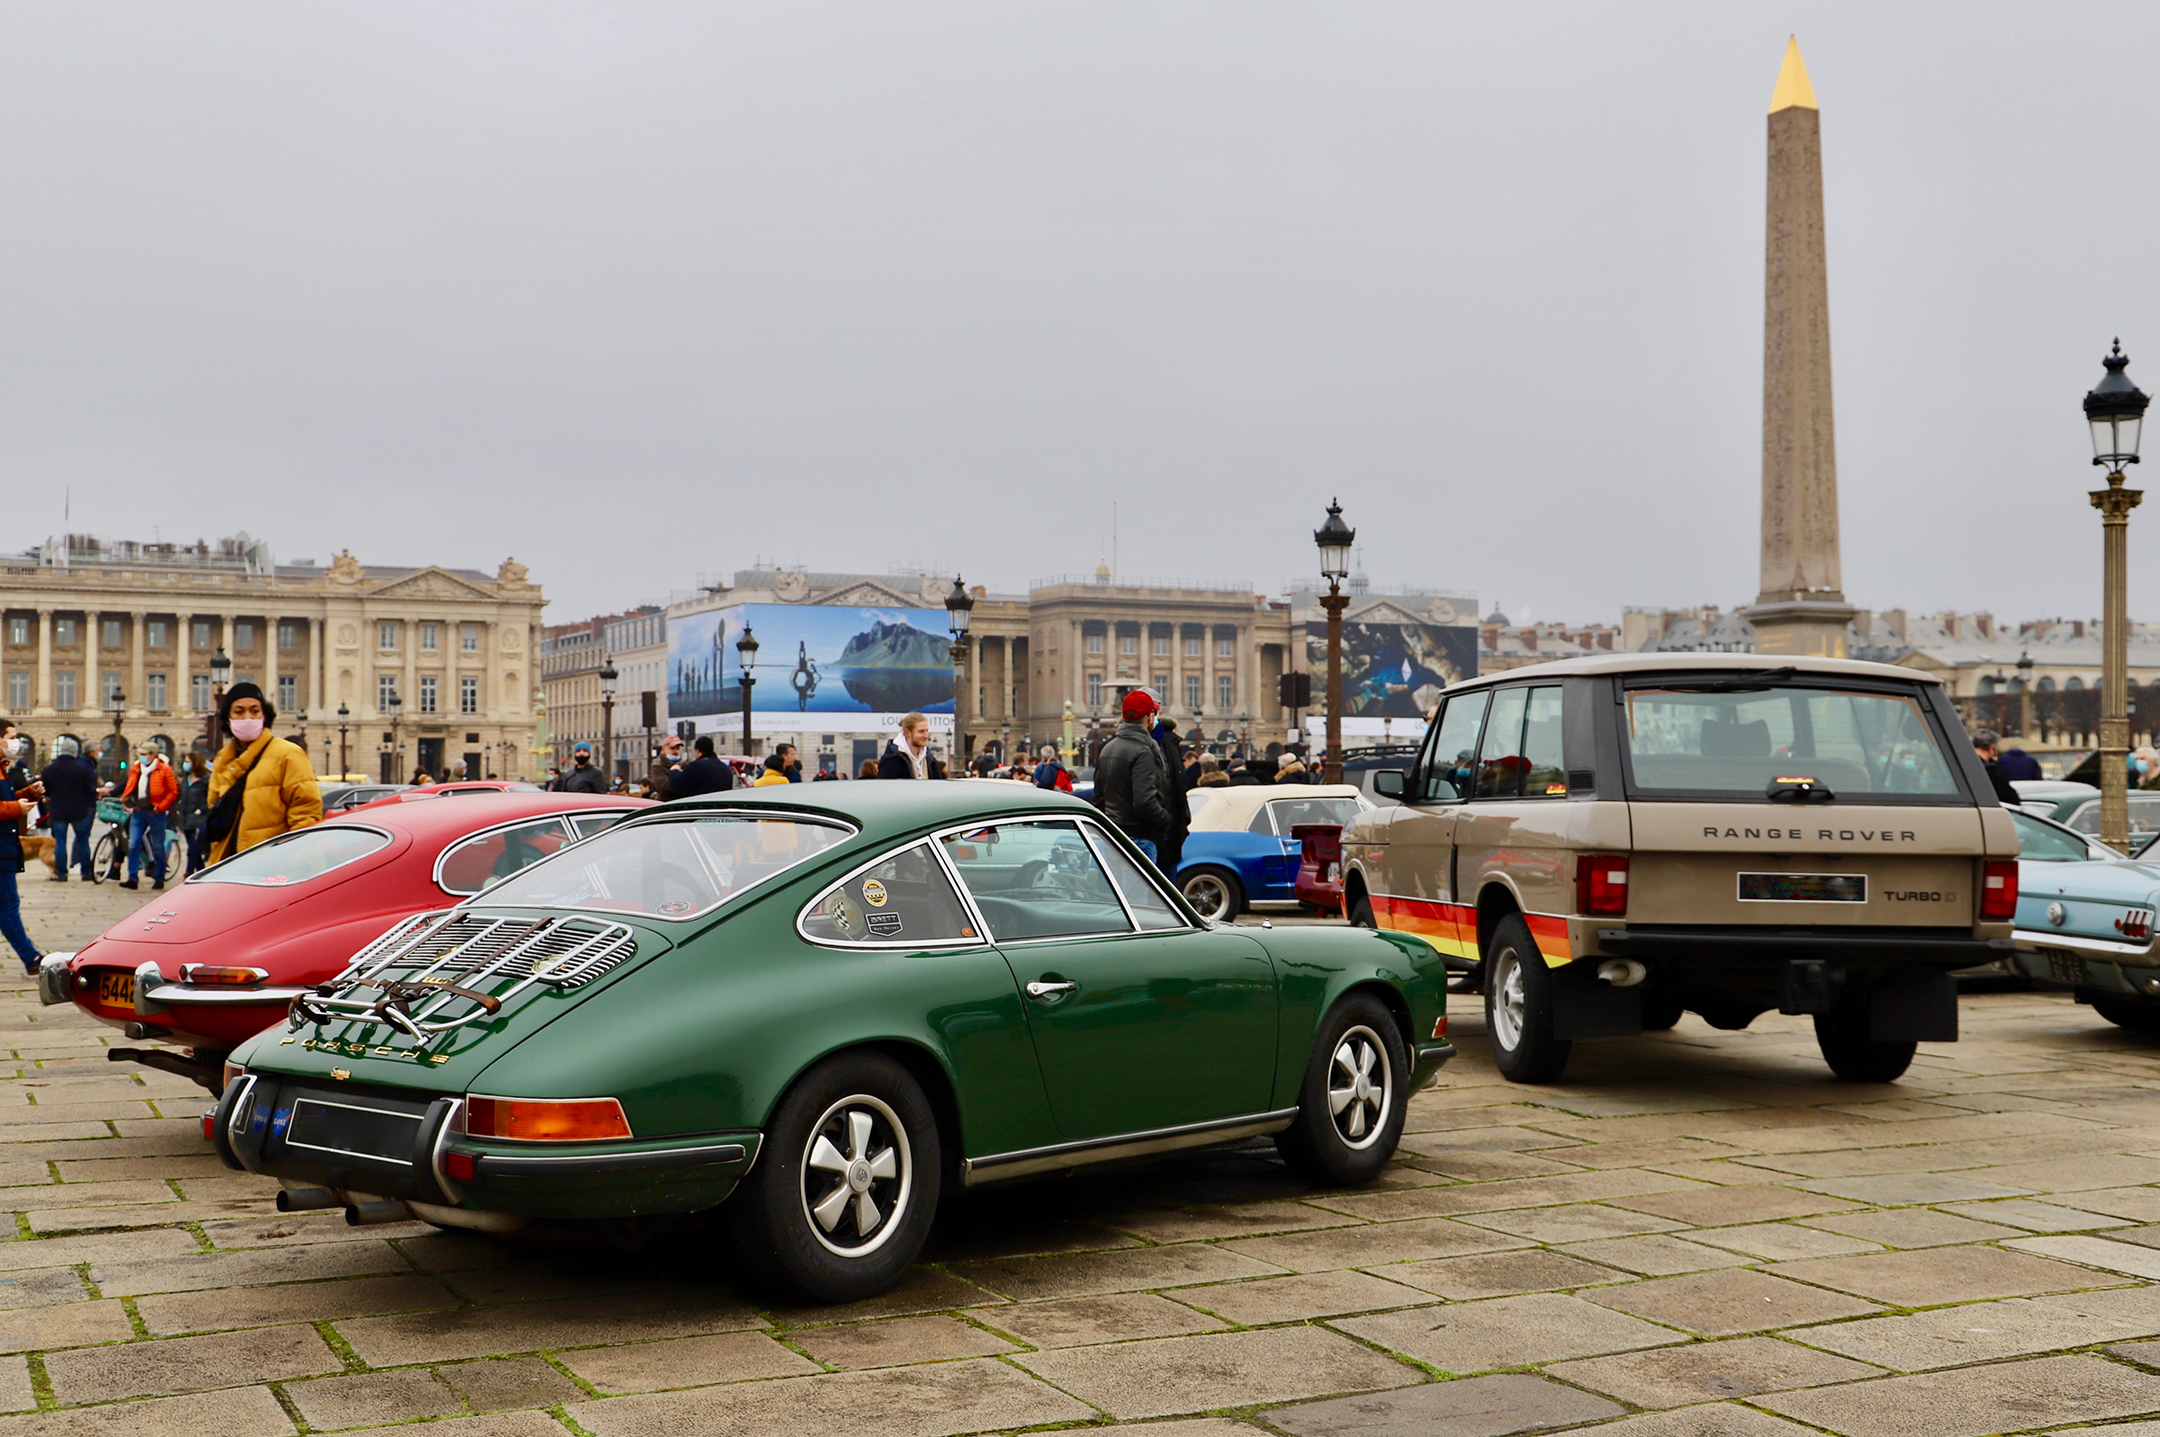 Porsche classic cars - Traversée de Paris Hivernale - 2021 - photo Ludo Ferrari